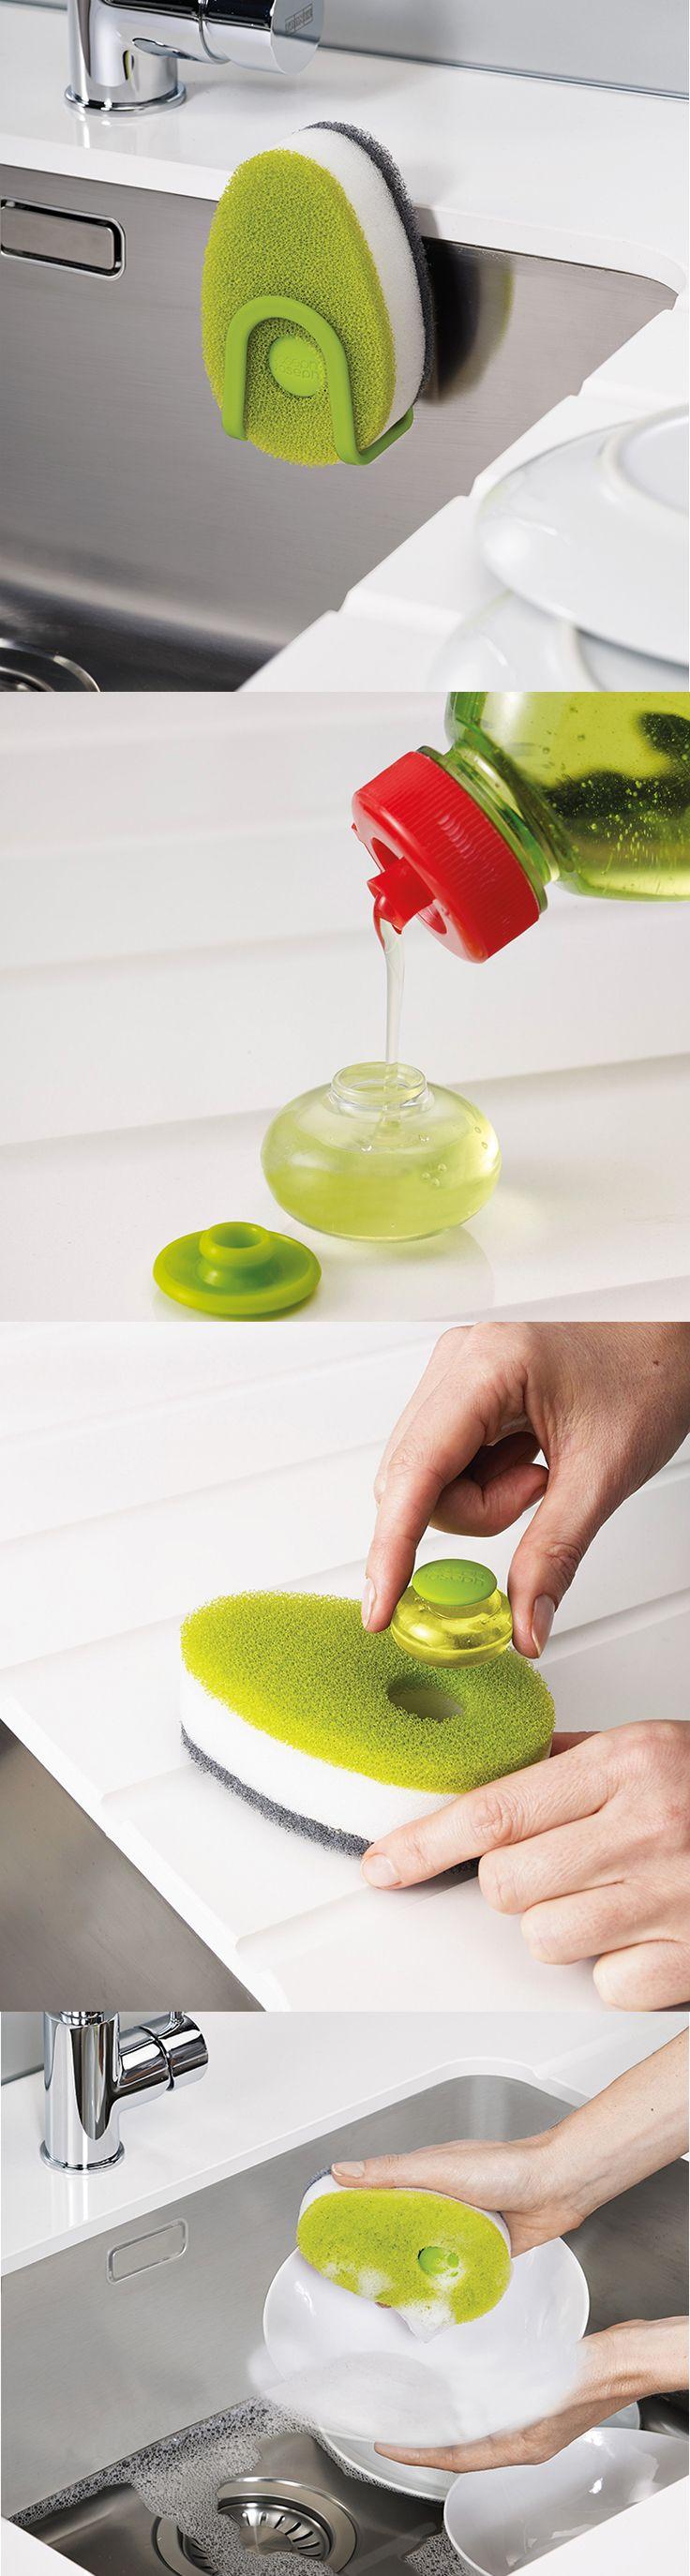 295 Kč Houbičky na mytí nádobí s plnitelnou kapsulí na saponát